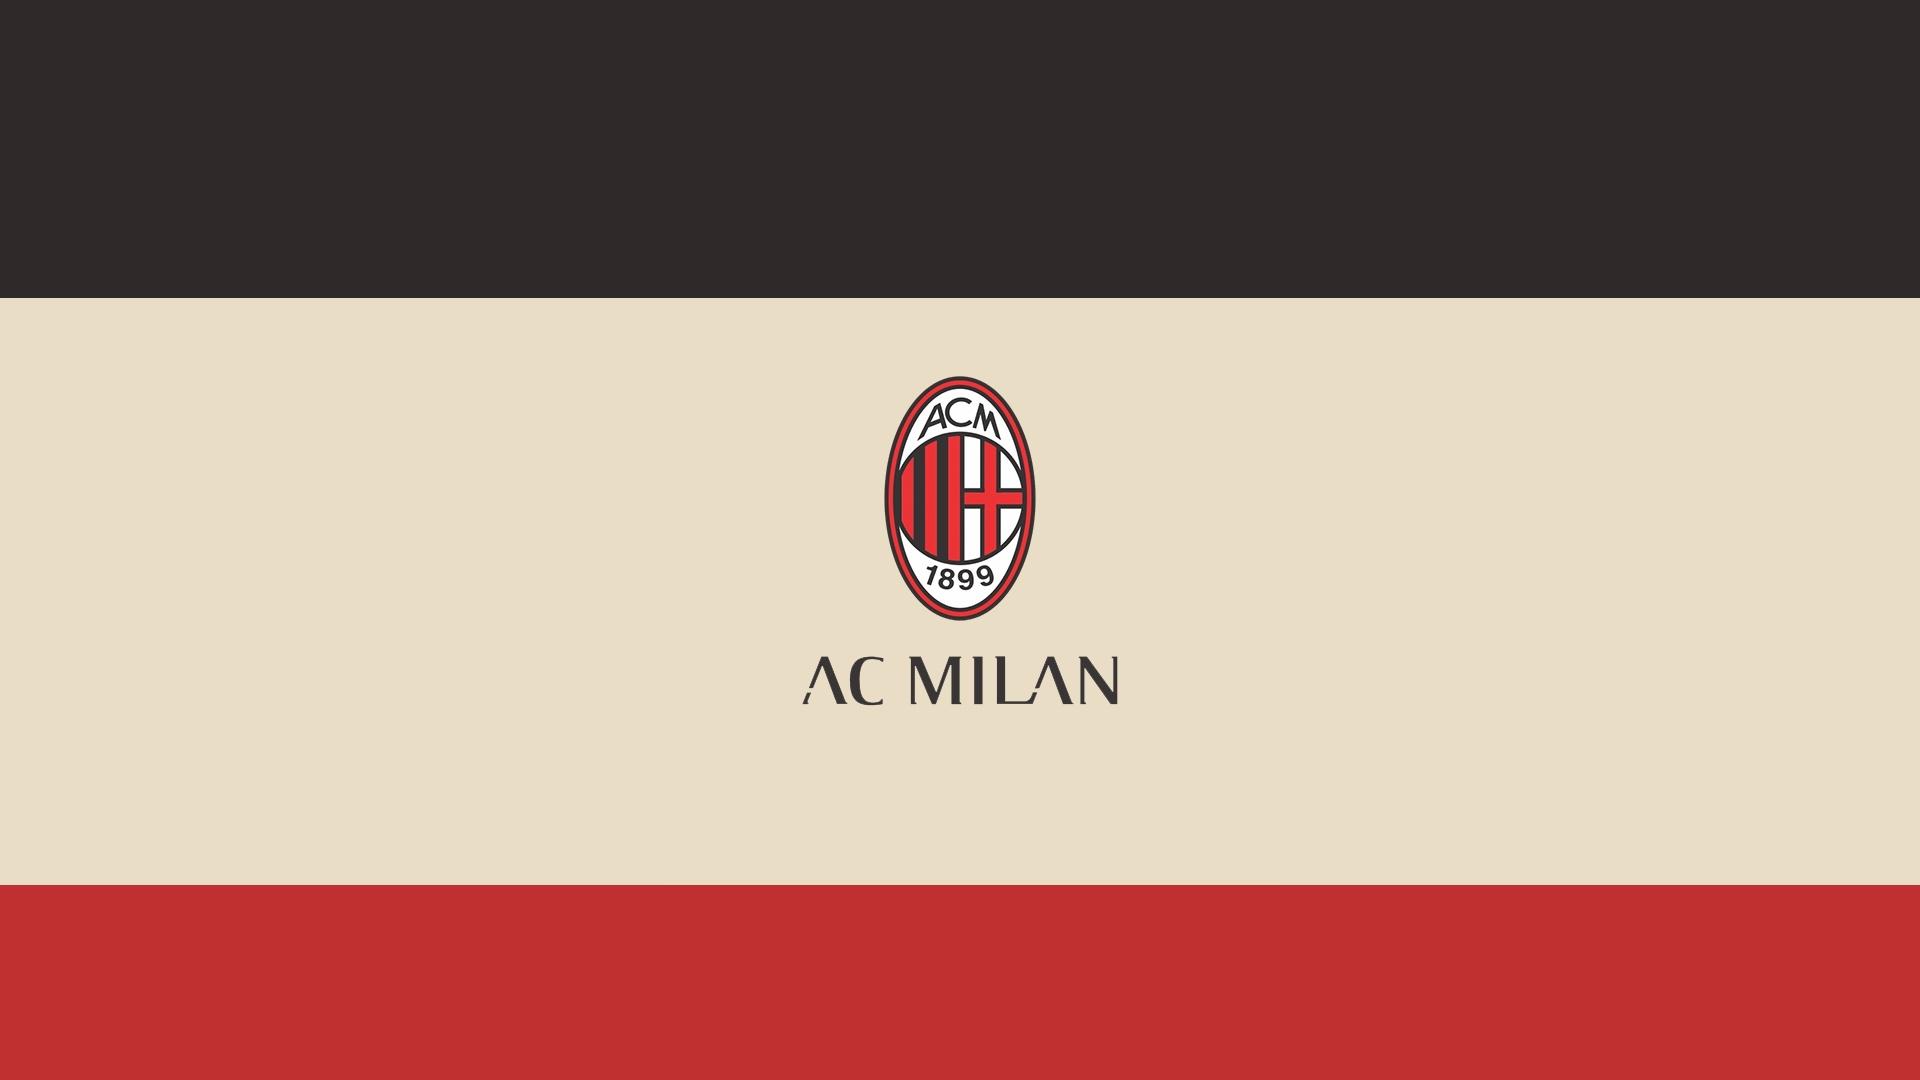 Ac Milan Wallpaper image hd